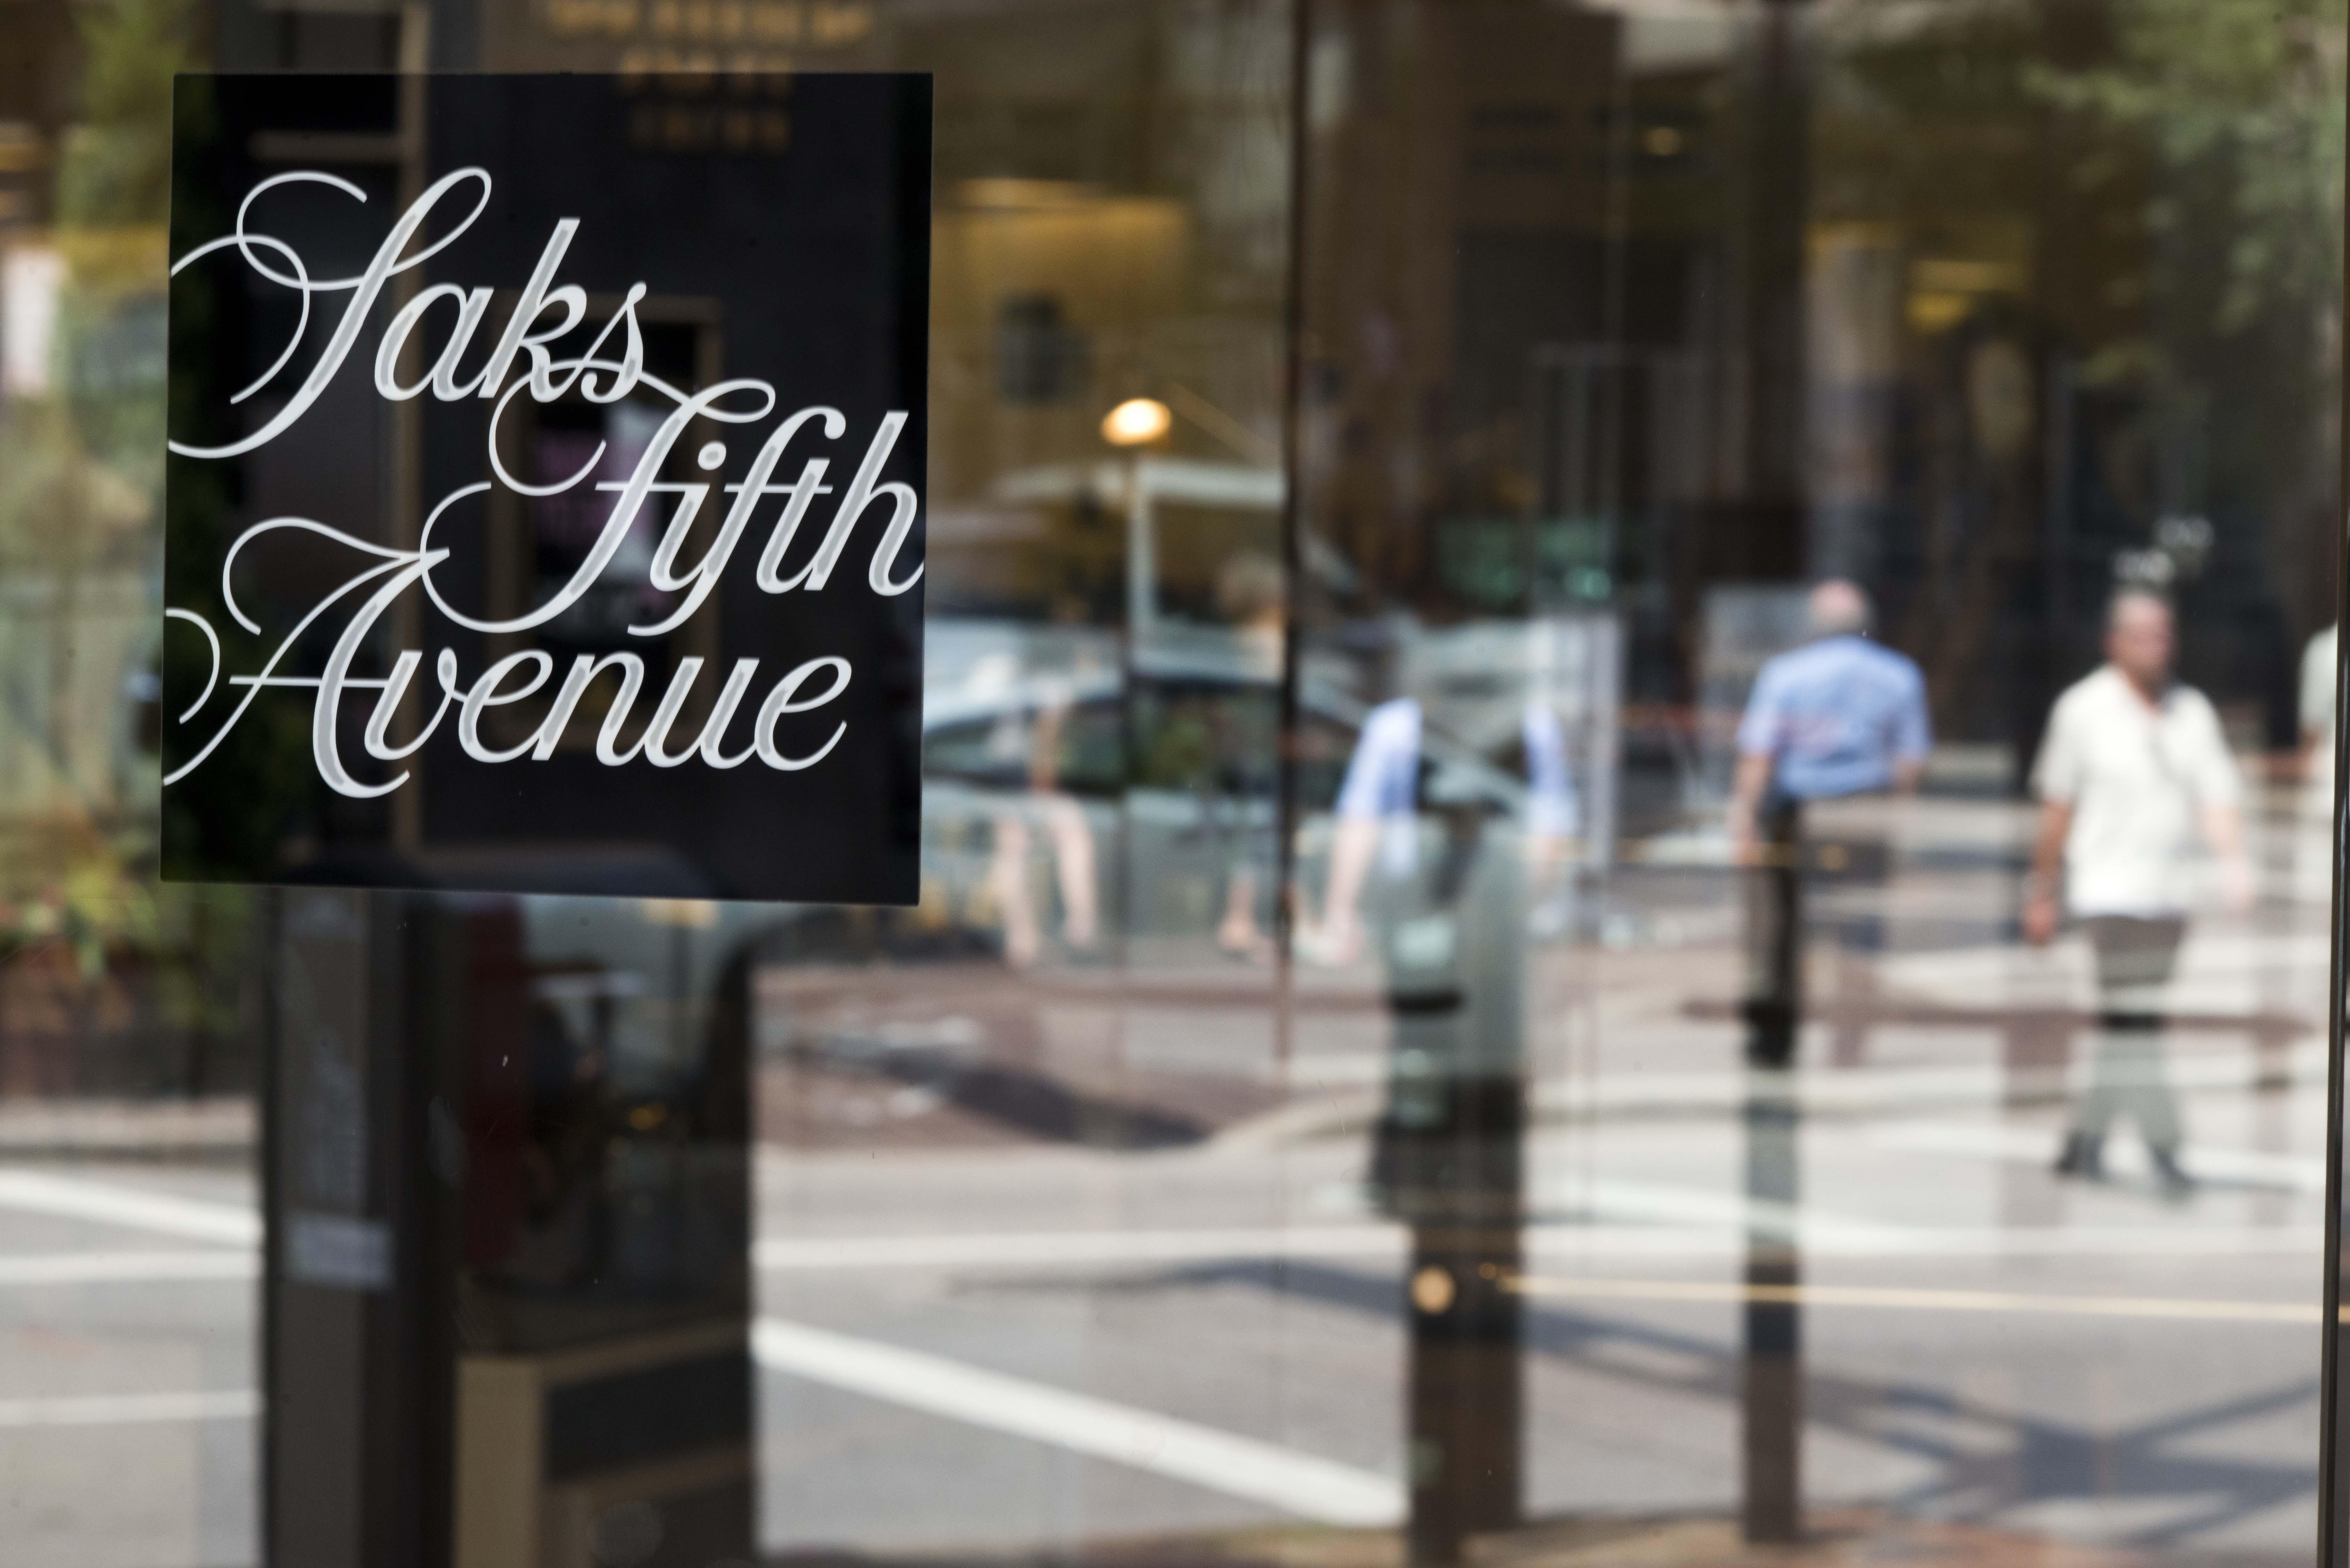 Cincinnati Overviews Ahead of U.S. Economy Expansion